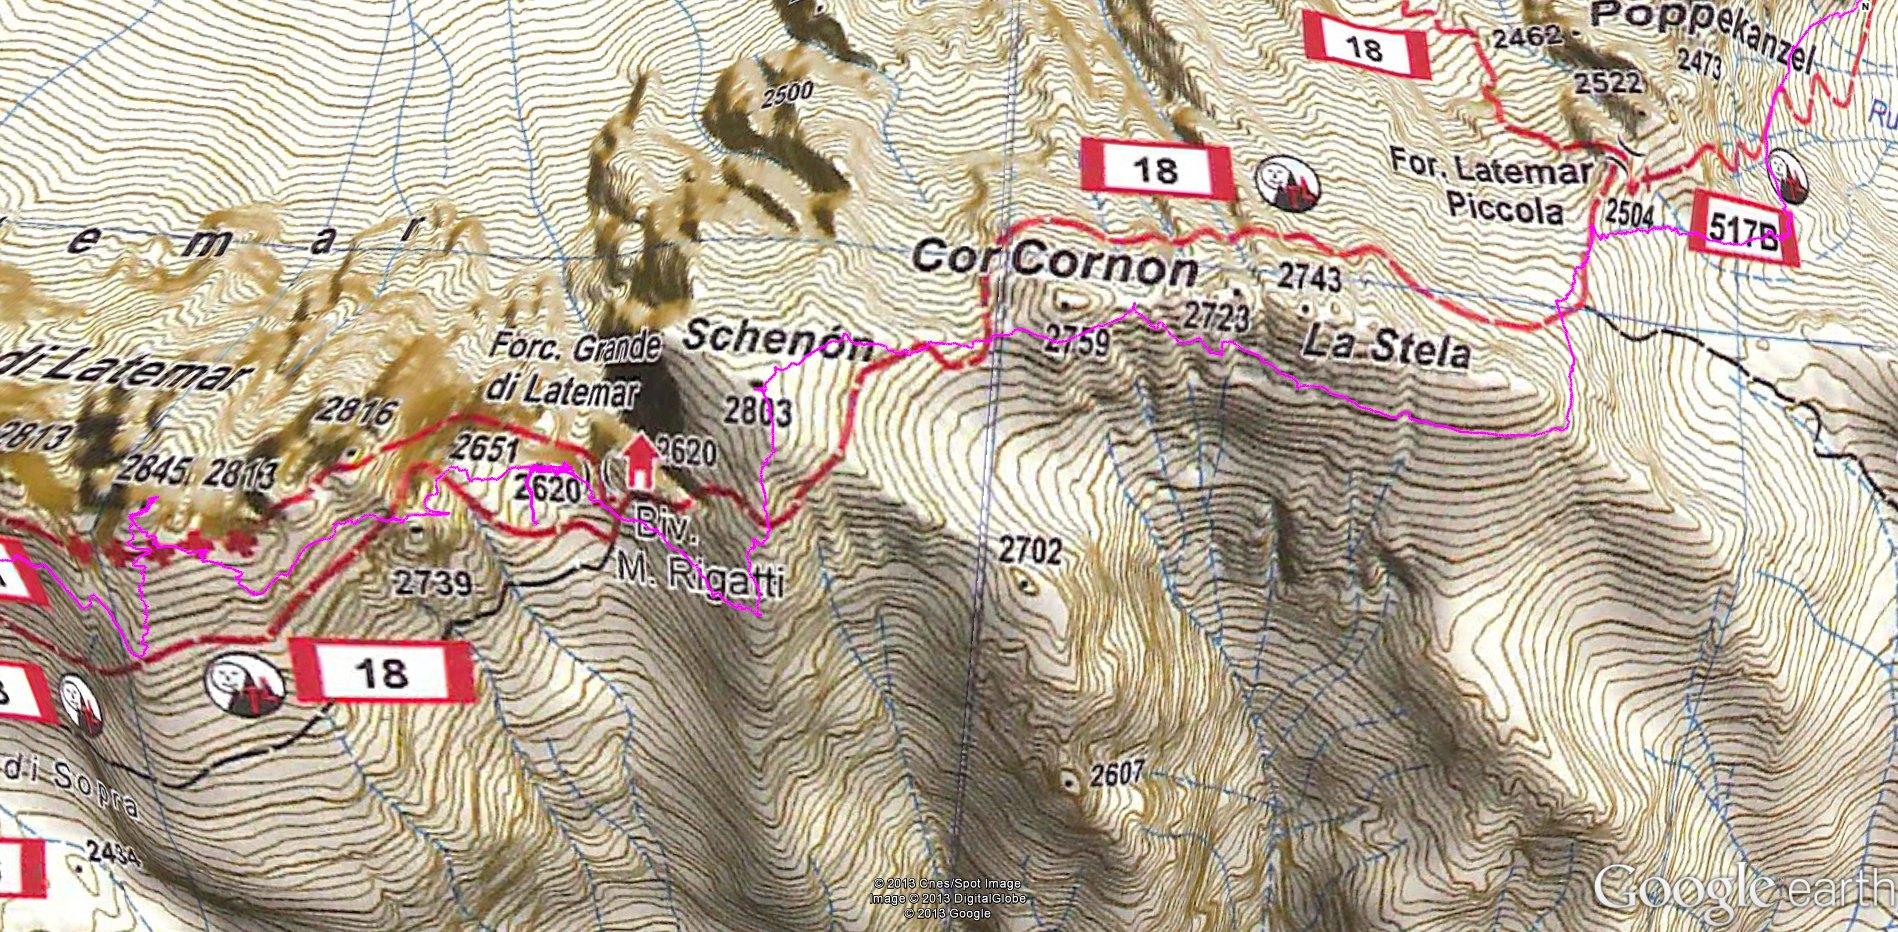 La mappa Trekkart col probabile sentiero fantasma...